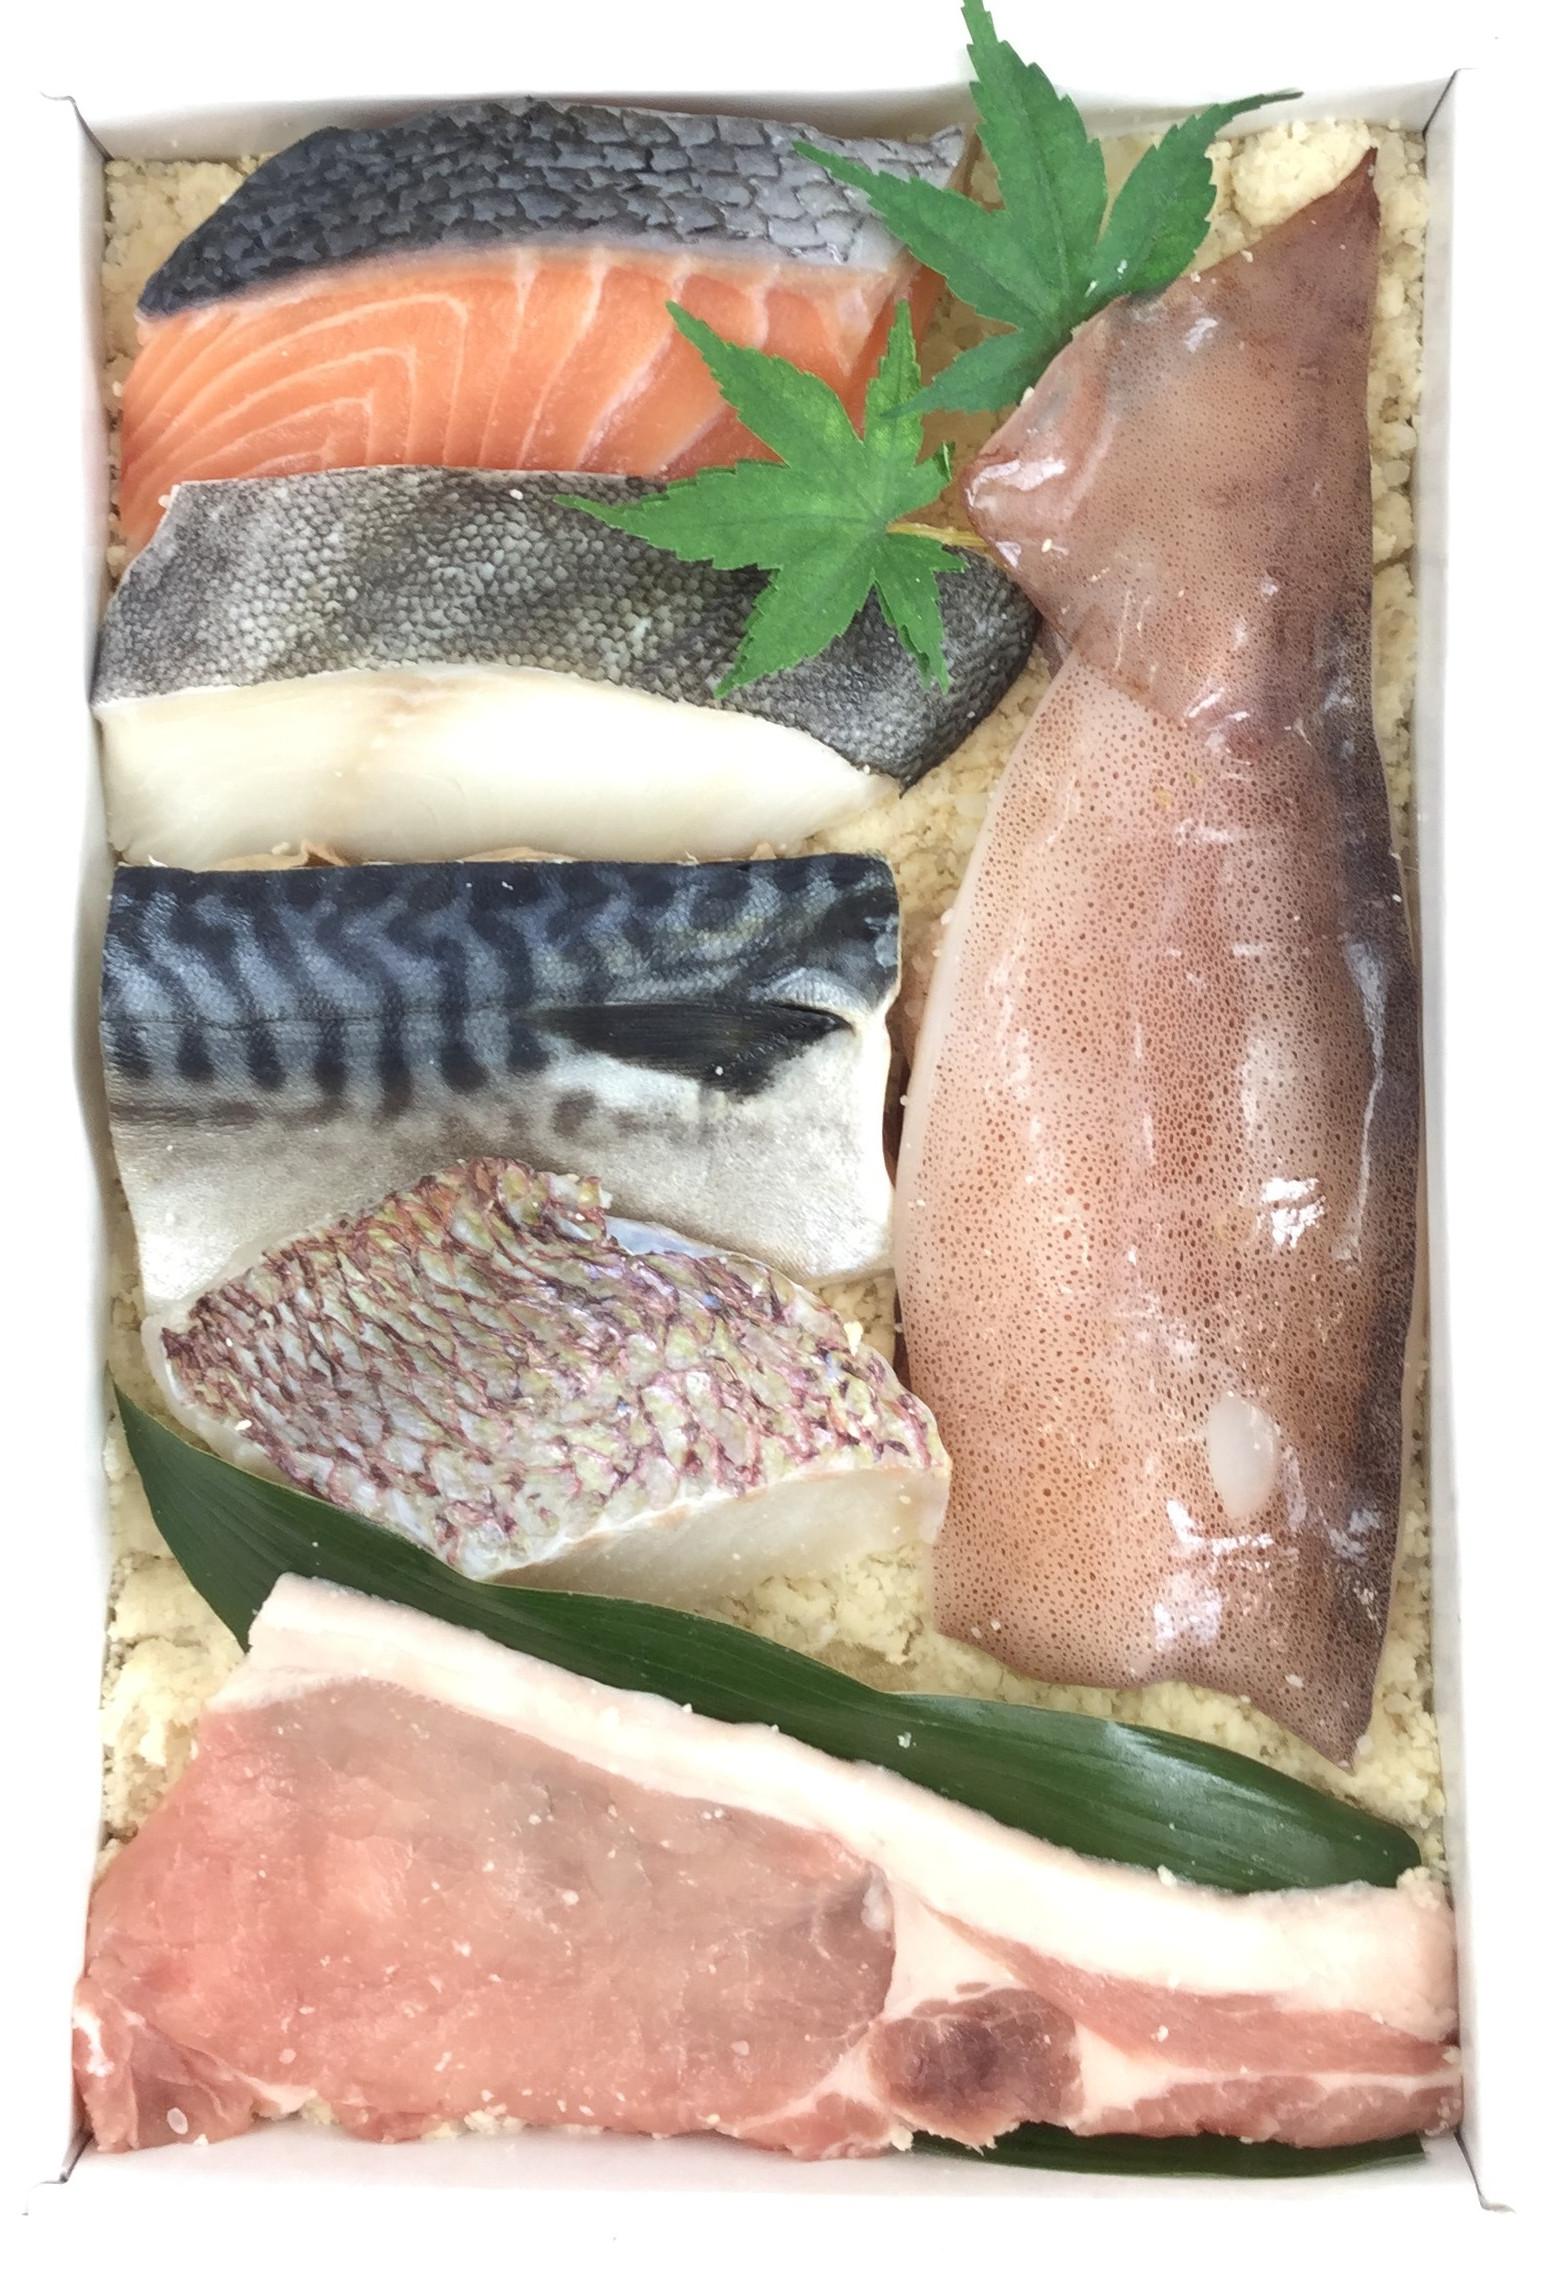 【送料込み】蔵直 -別誂- 漬け魚・漬け豚詰合せ50F ちょっと小ぶりな食べきりサイズ詰合せ